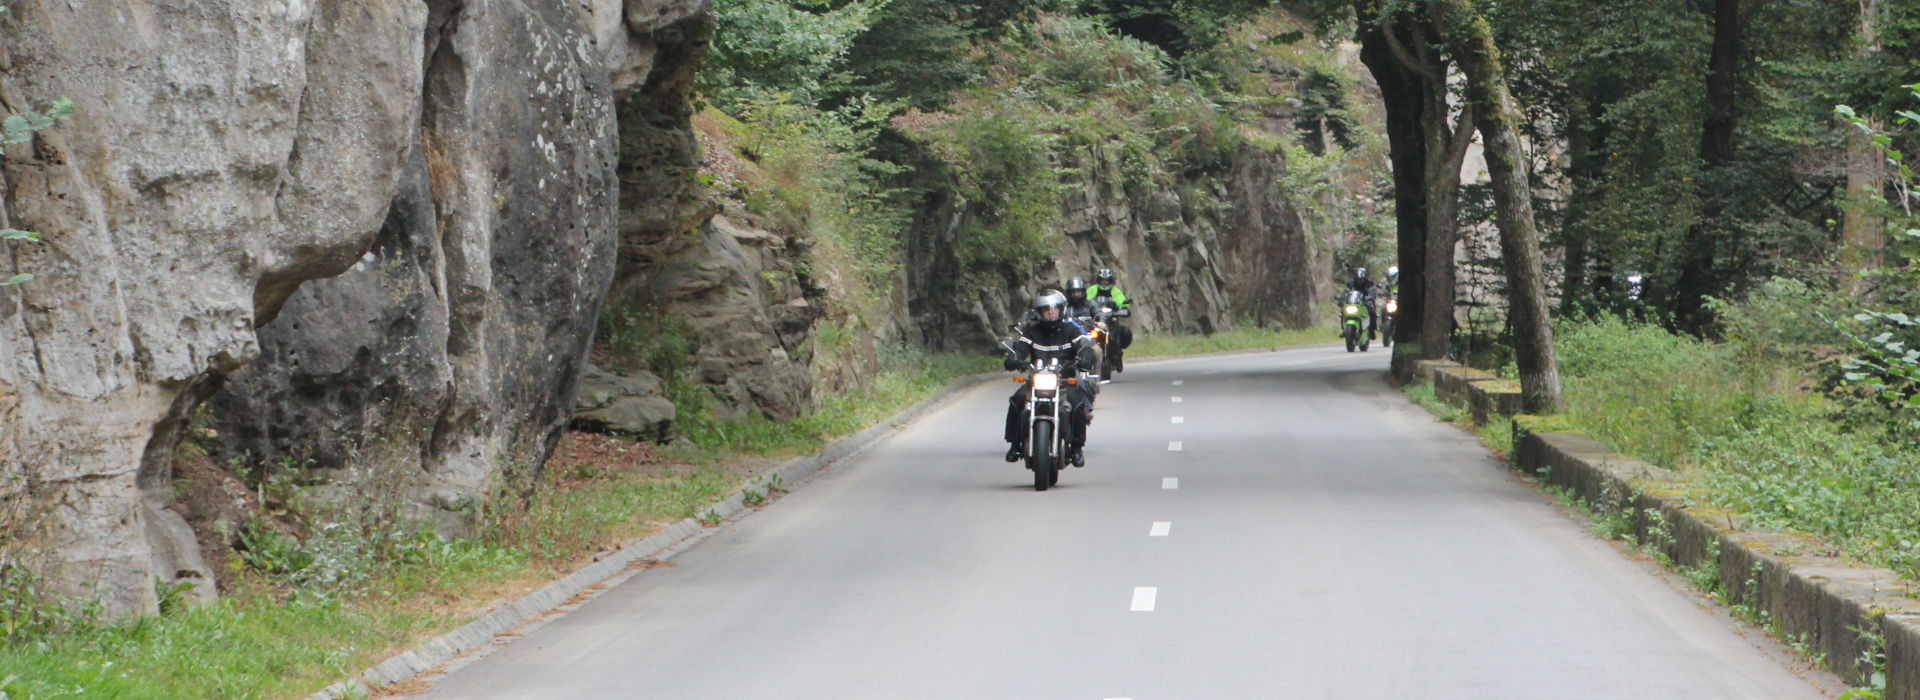 Motorrijbewijspoint Moerkapelle spoed motorrijbewijs